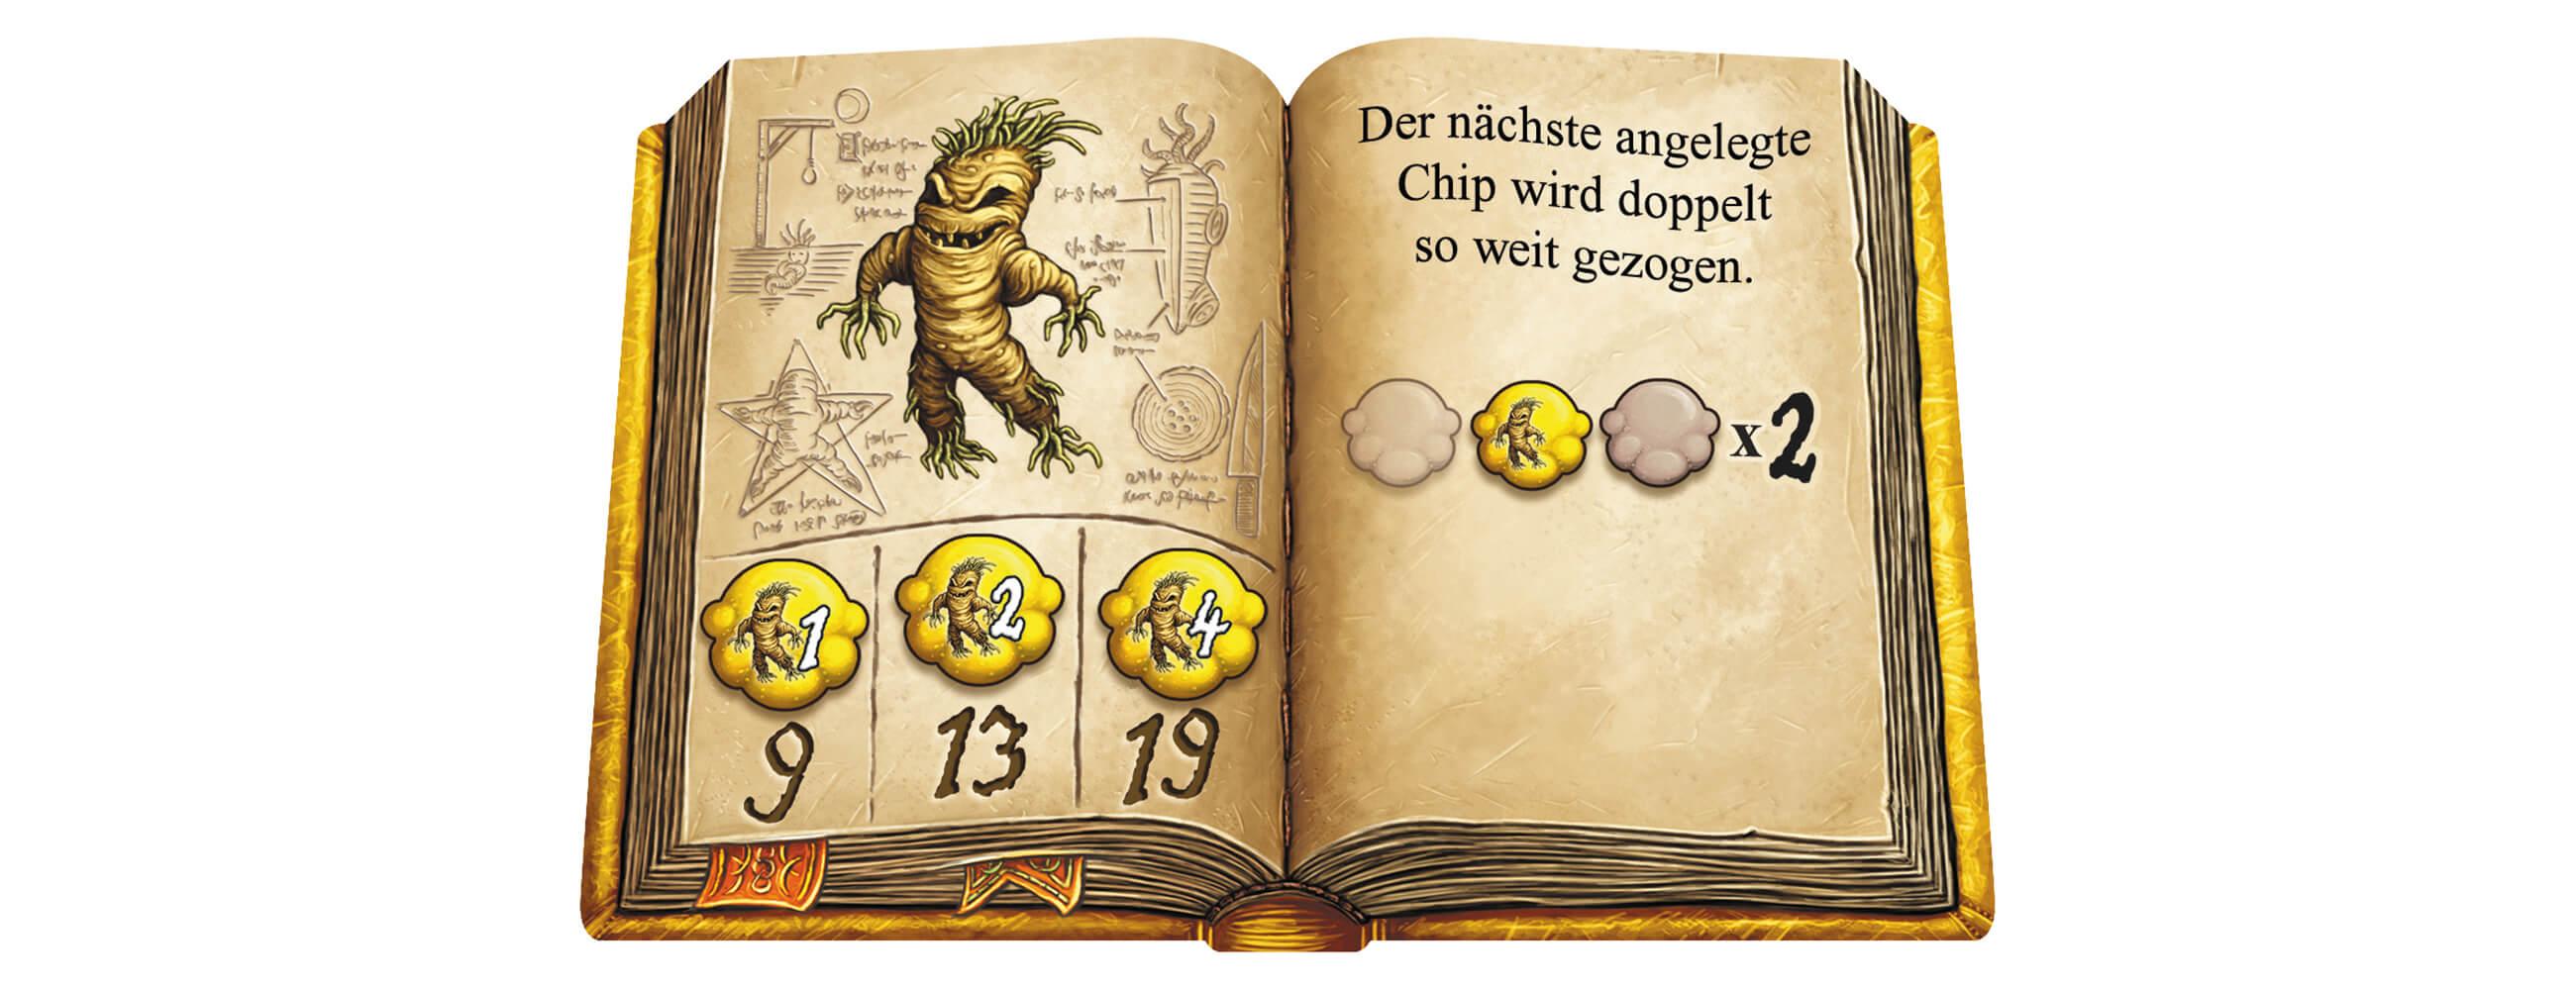 Gelbes Zutaten-Buch - Kennerspiel des Jahres 2018- Die Quacksalber von Quedlinburg